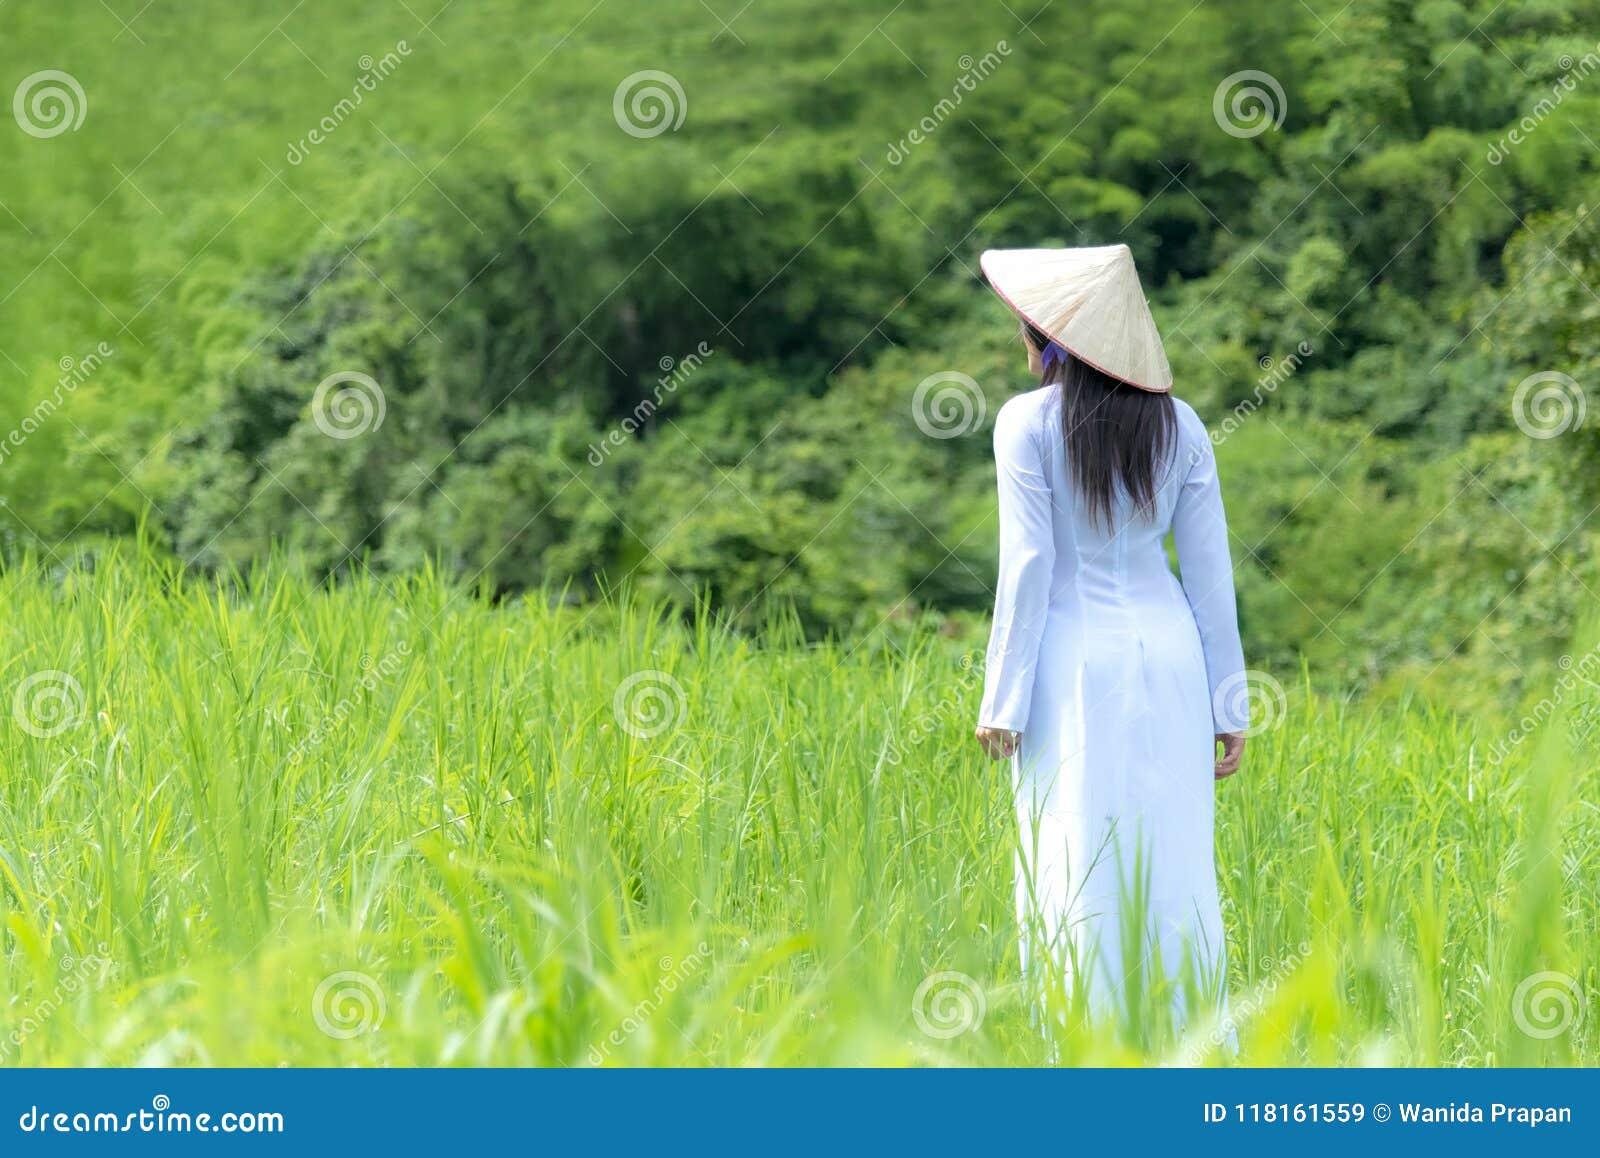 Asian women with Ao-Dai Vietnam traditional dress costume woman walking